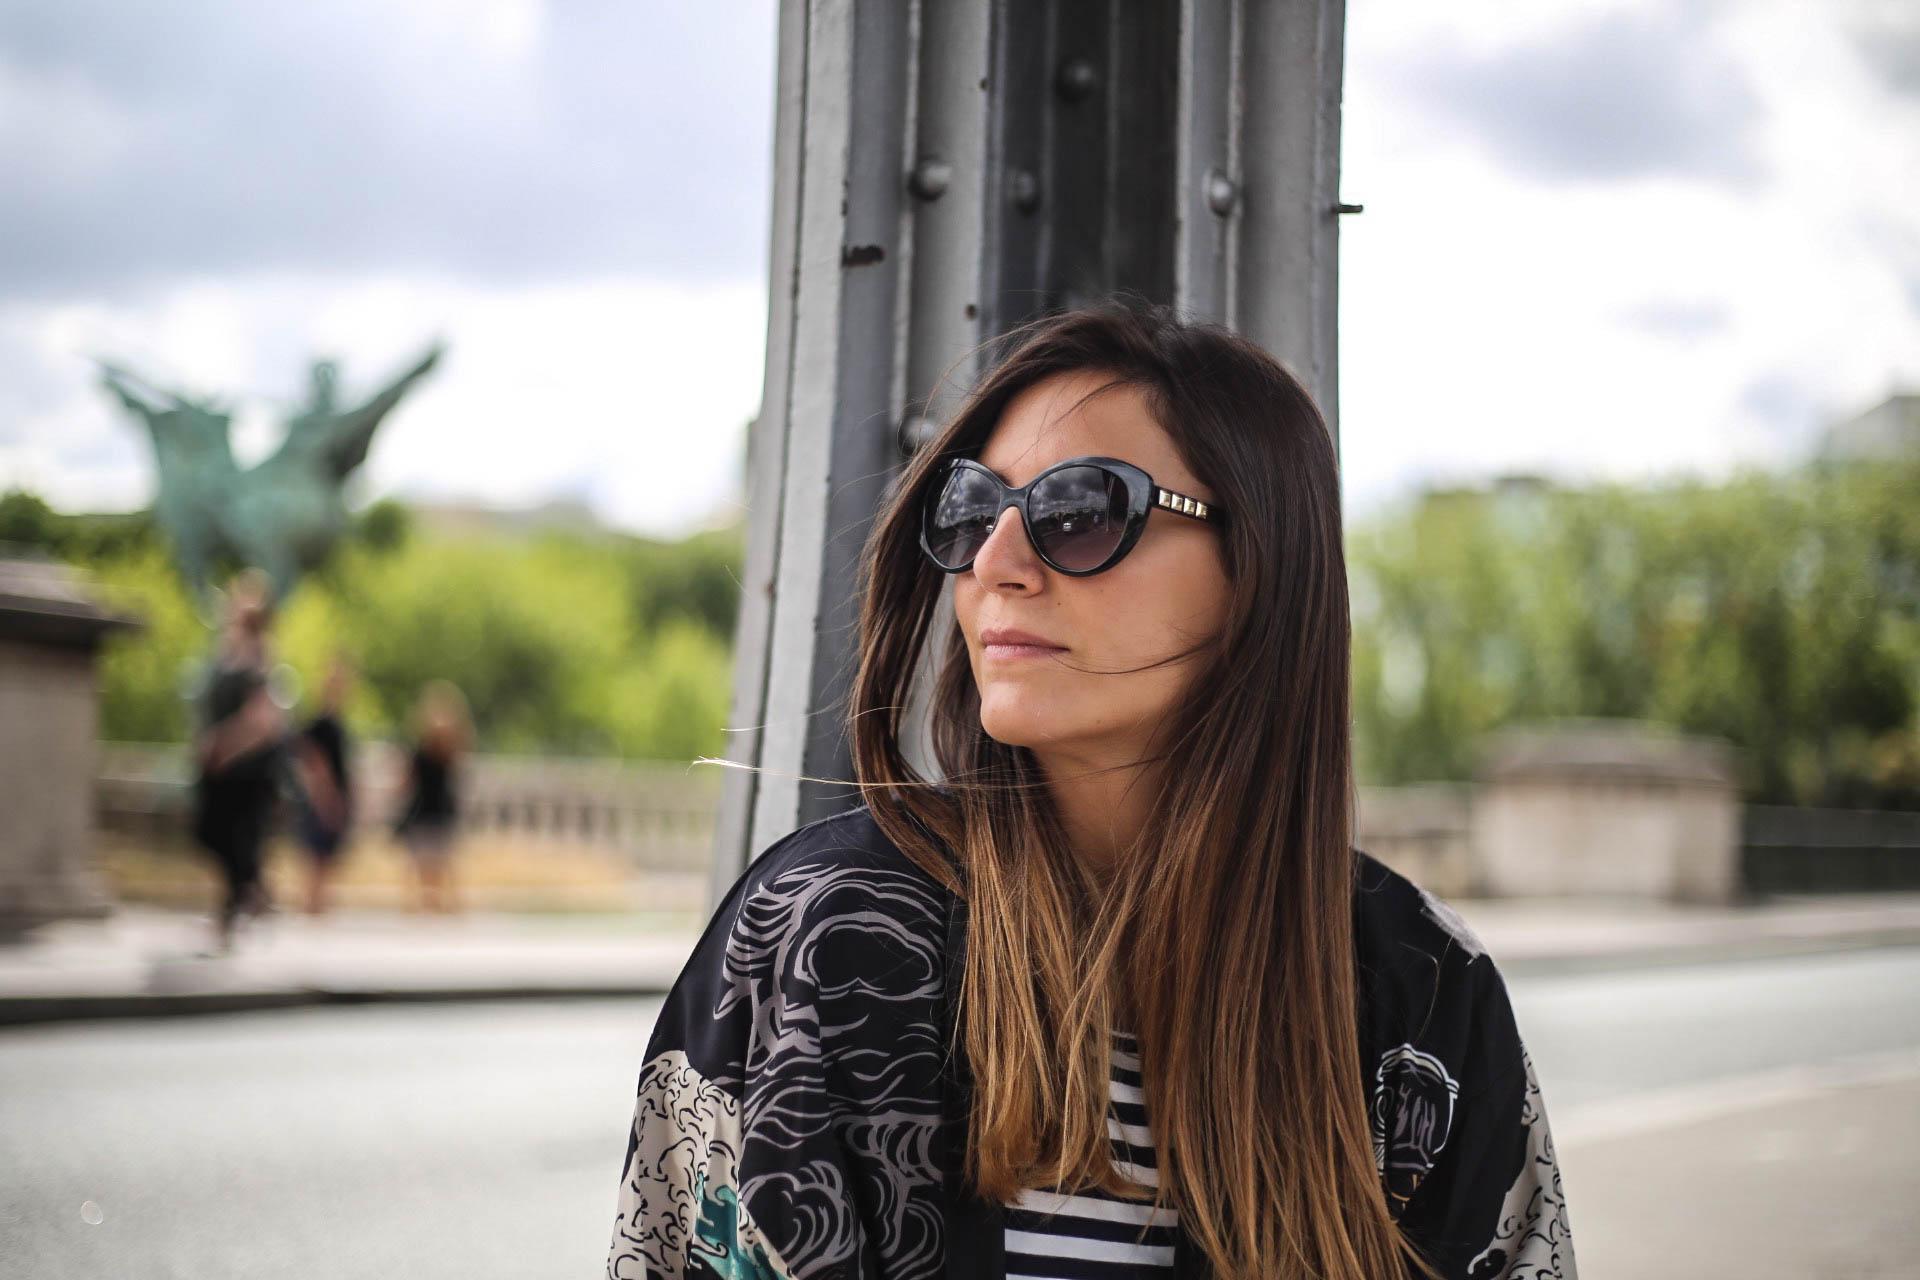 lunette de soleil XXL blog mode les caprices d iris